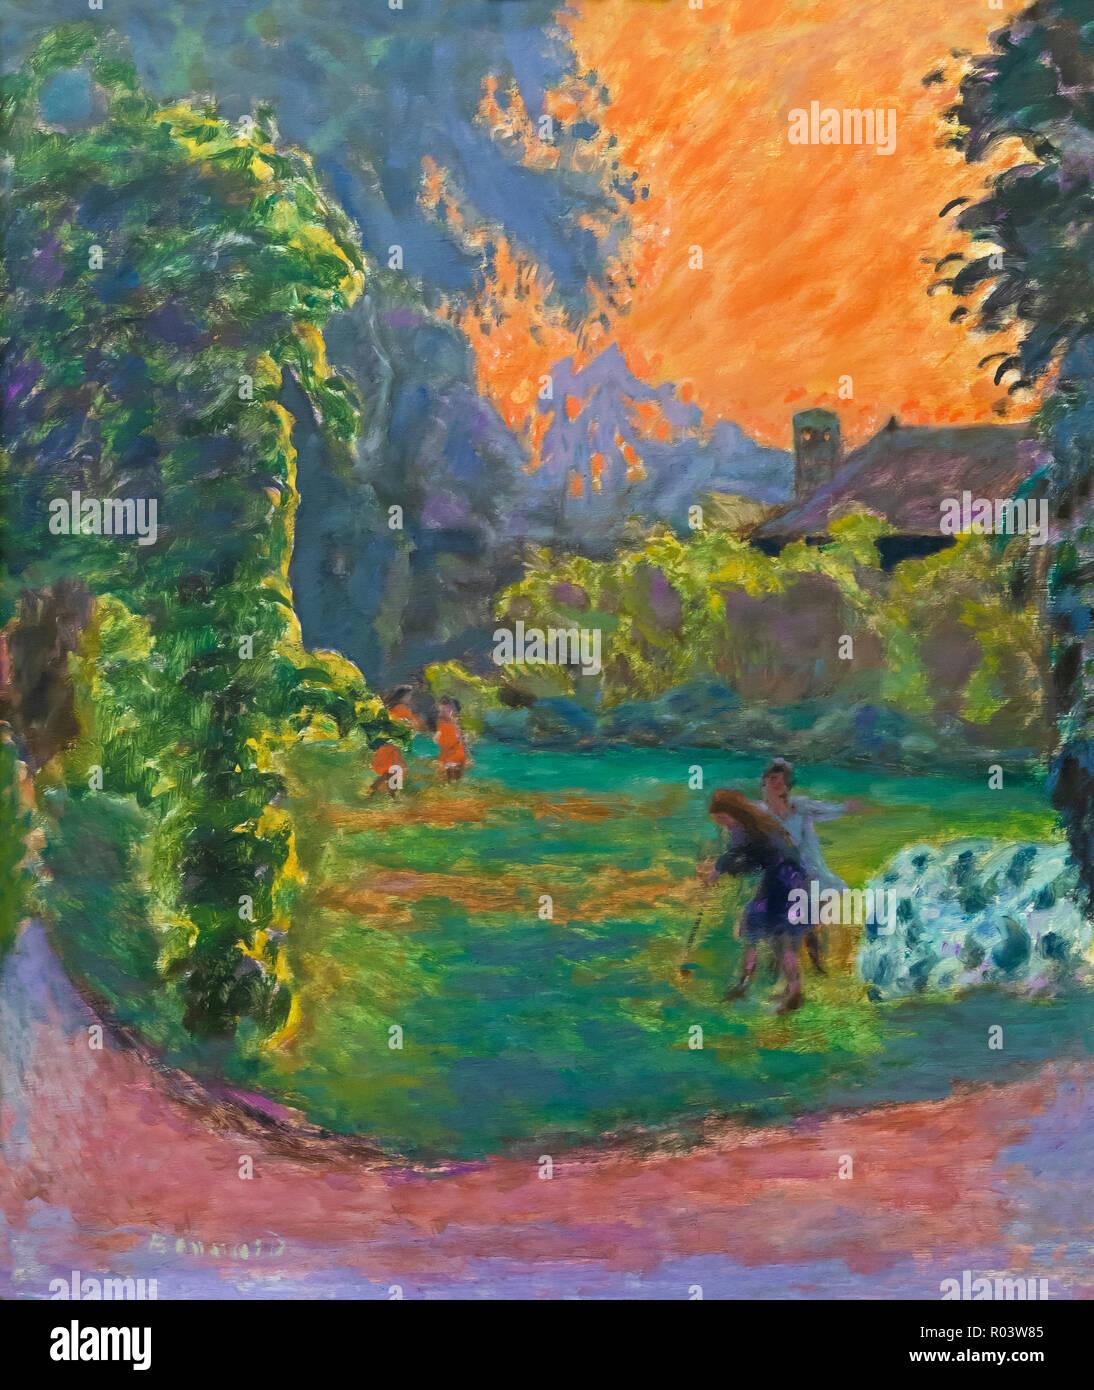 Sunset, Pierre Bonnard, 1912, Zurich Kunsthaus, Zurich, Switzerland, Europe - Stock Image